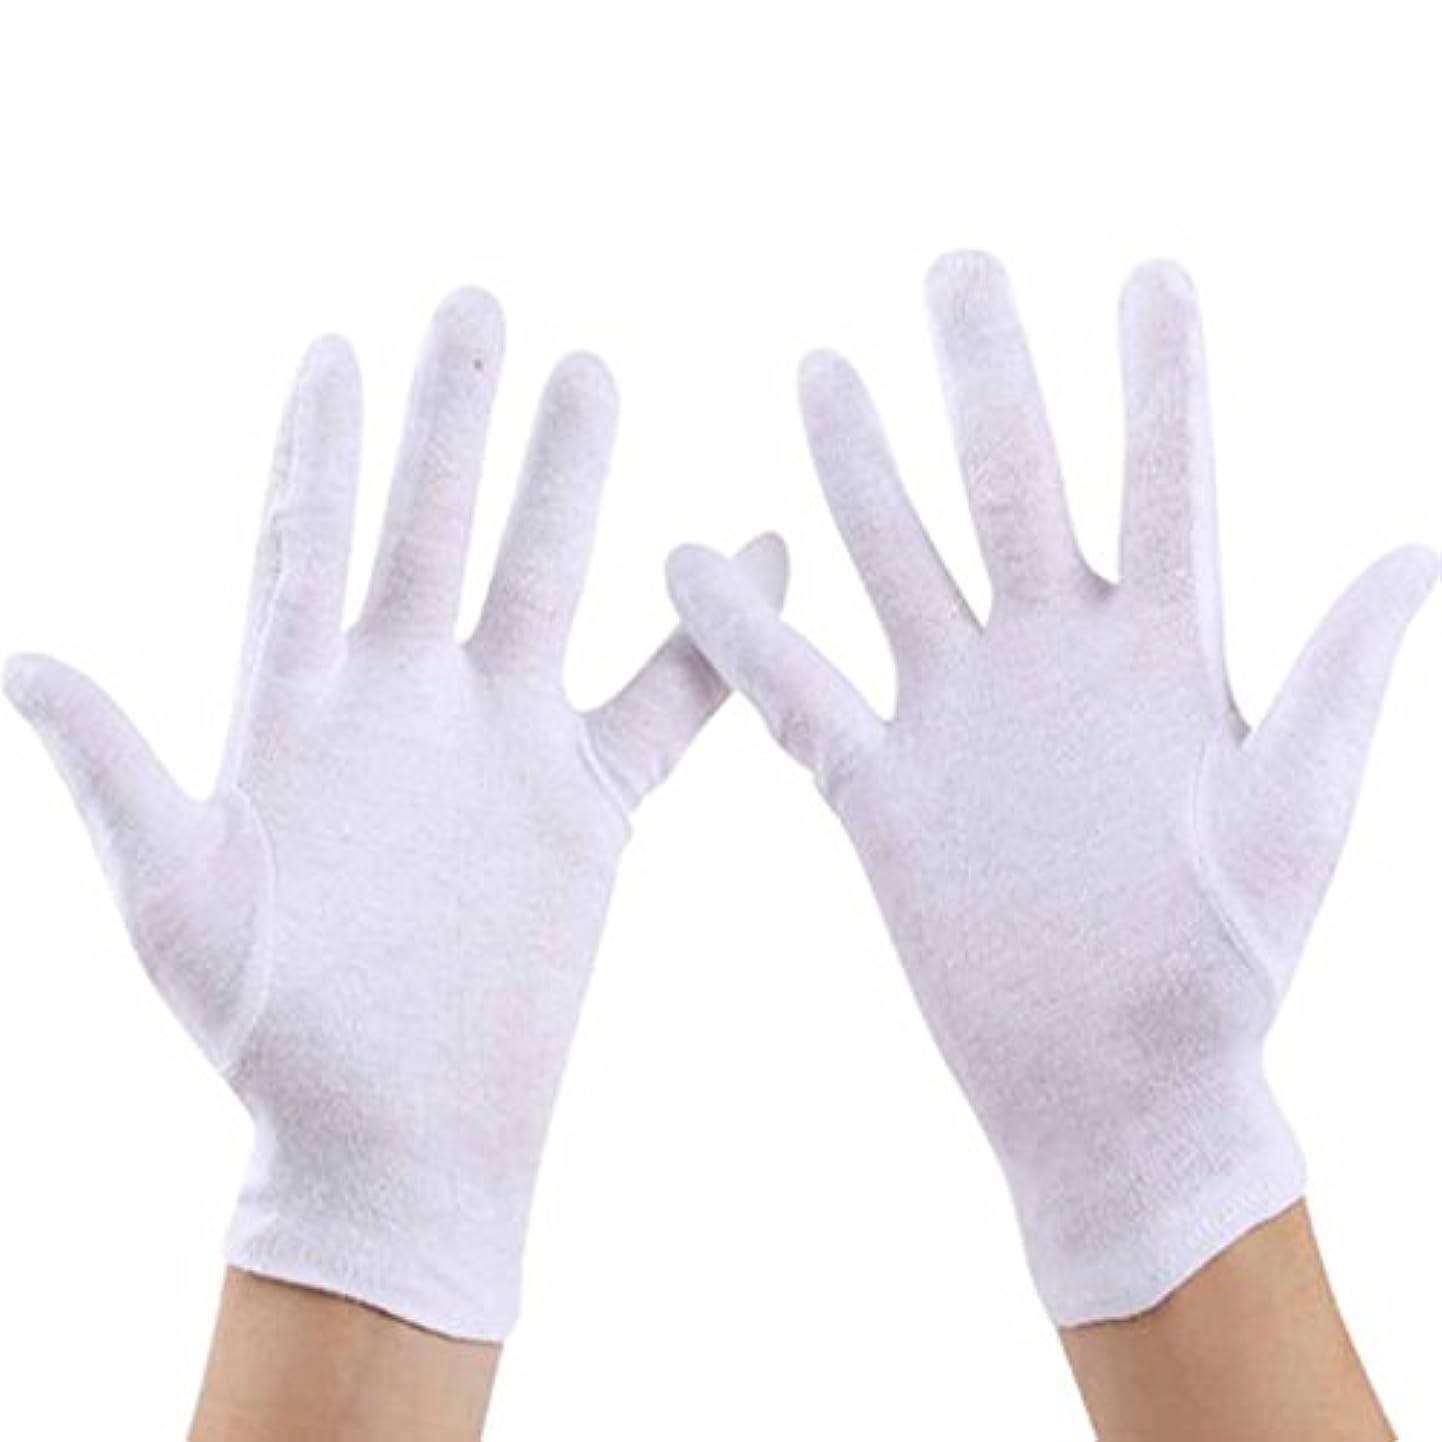 福祉日没コンクリート使い捨て手袋 ホワイトエチケットコットン手袋、快適で 吸収性手袋 (Size : L)